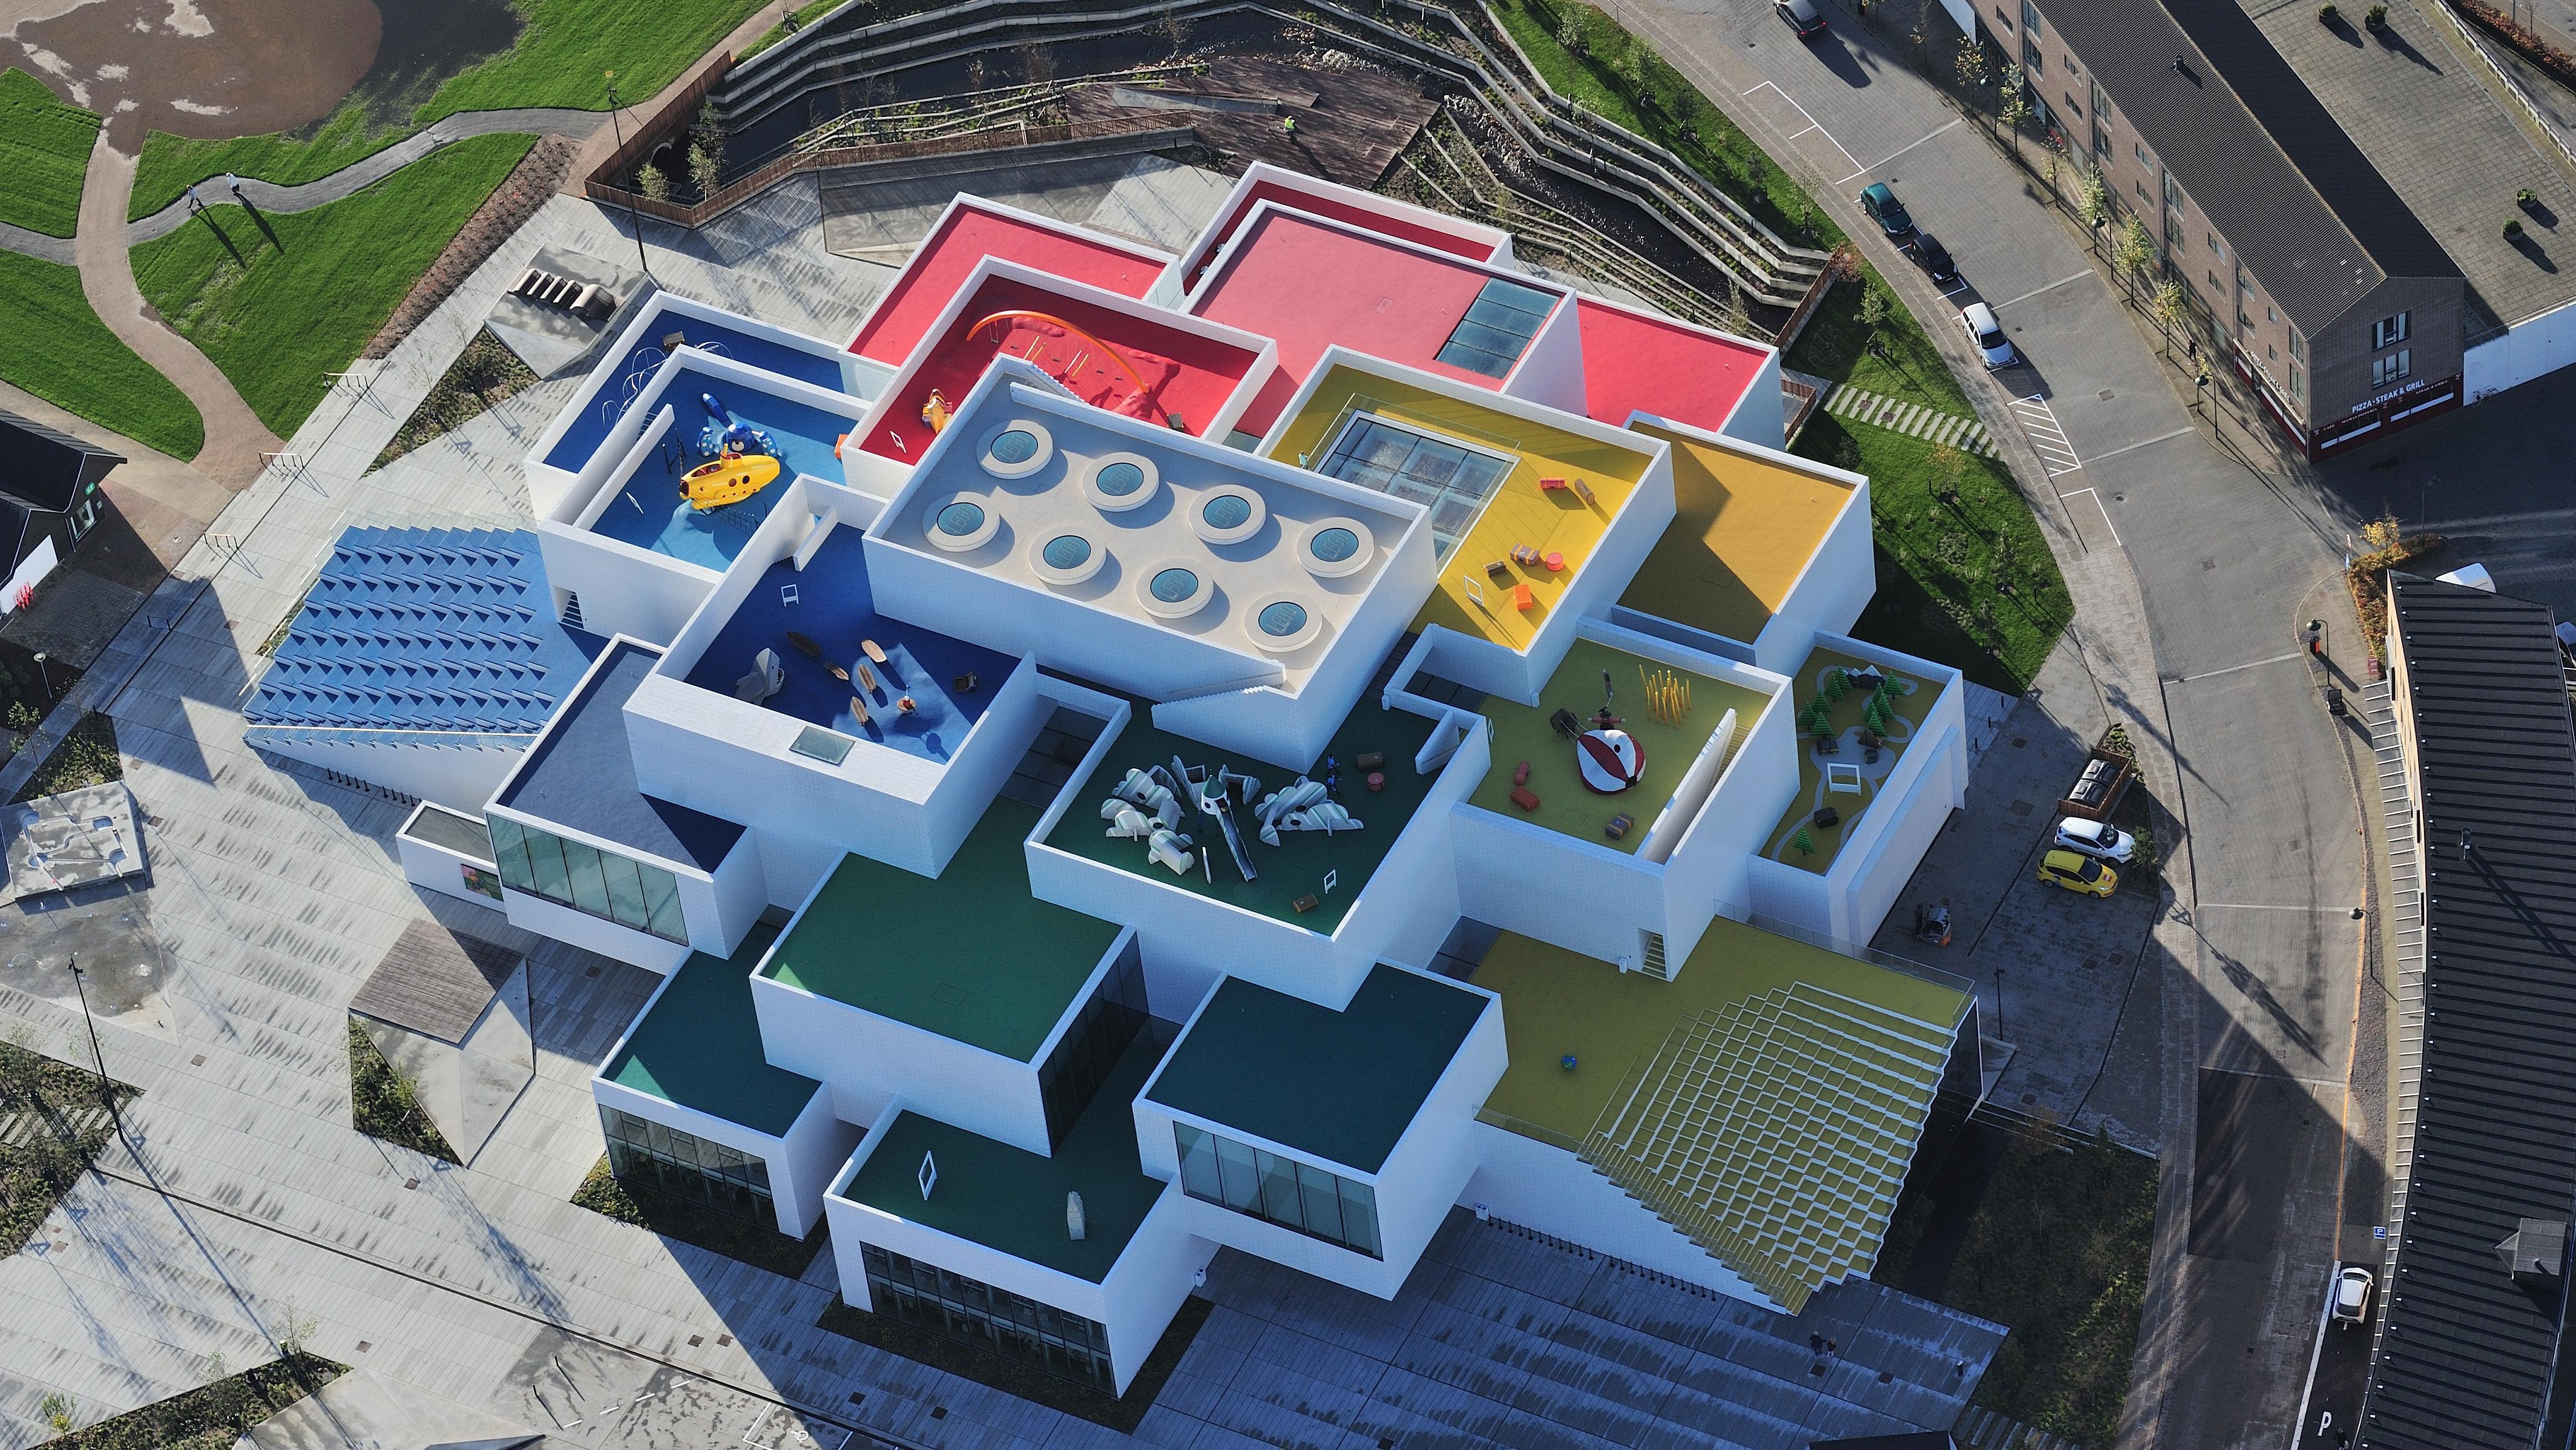 Lego House Billund Bjarke Ingels